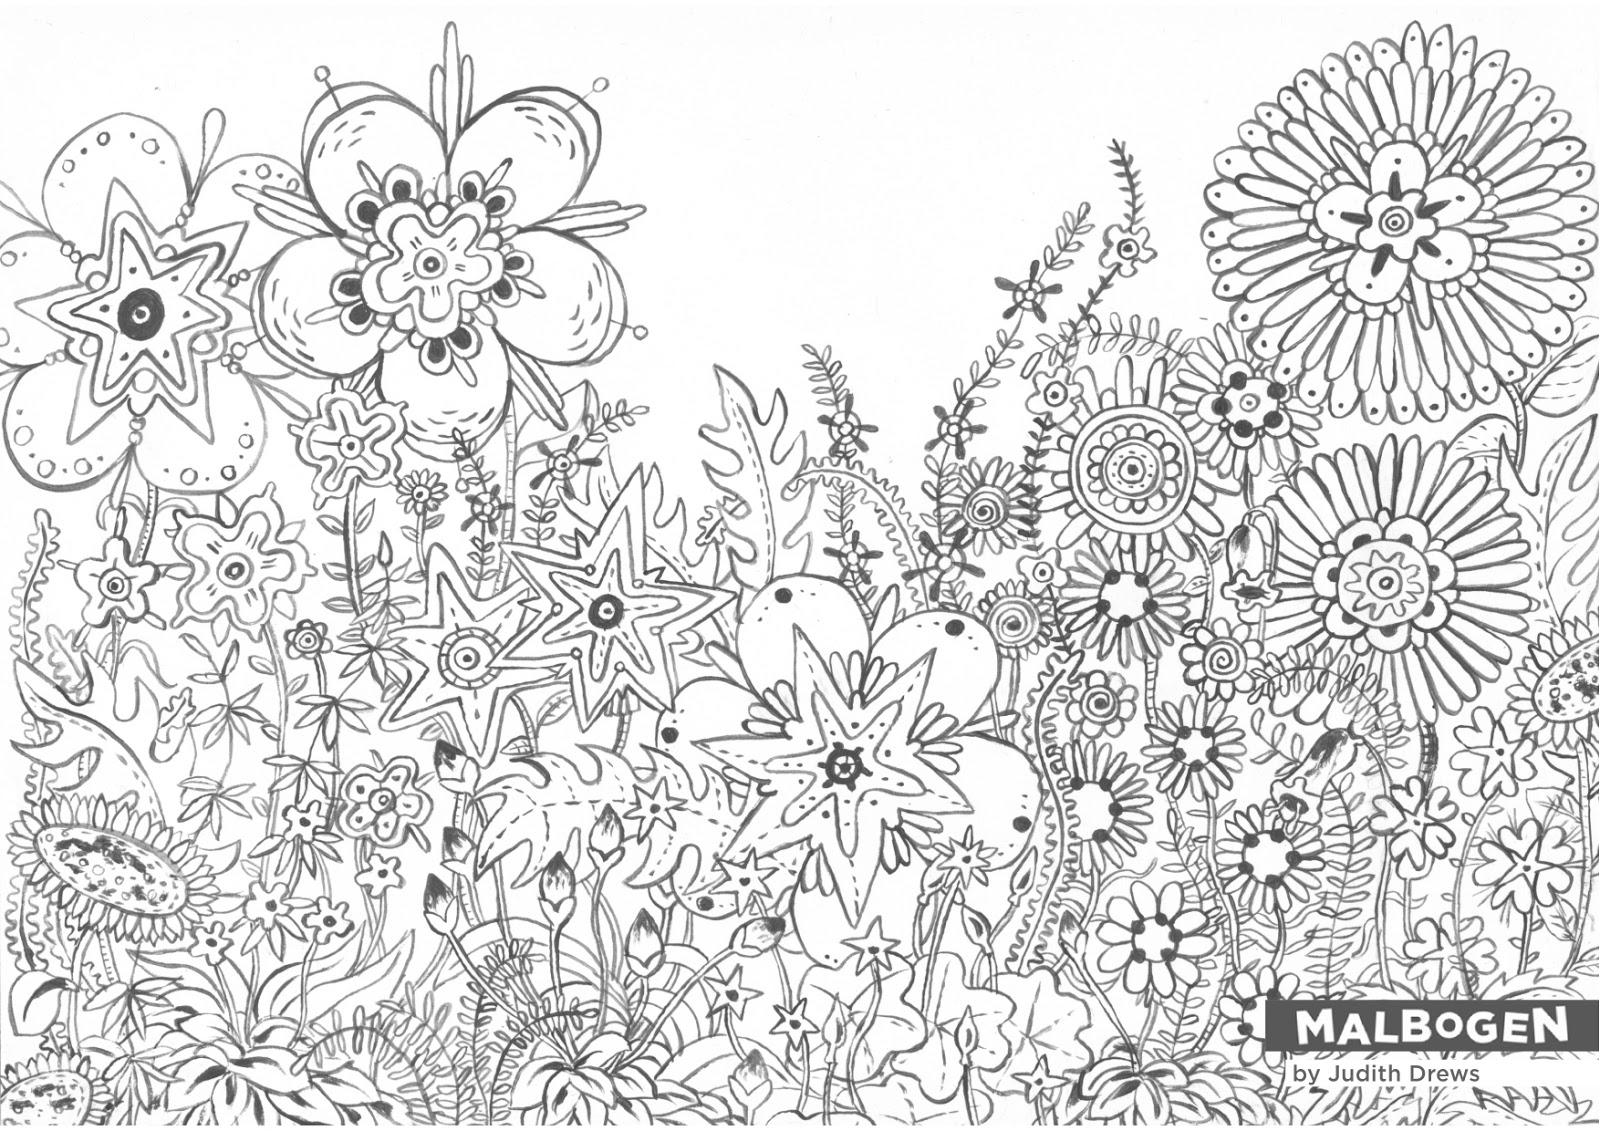 https://www.dropbox.com/s/u15irwdc43st5ia/judith_garden.pdf